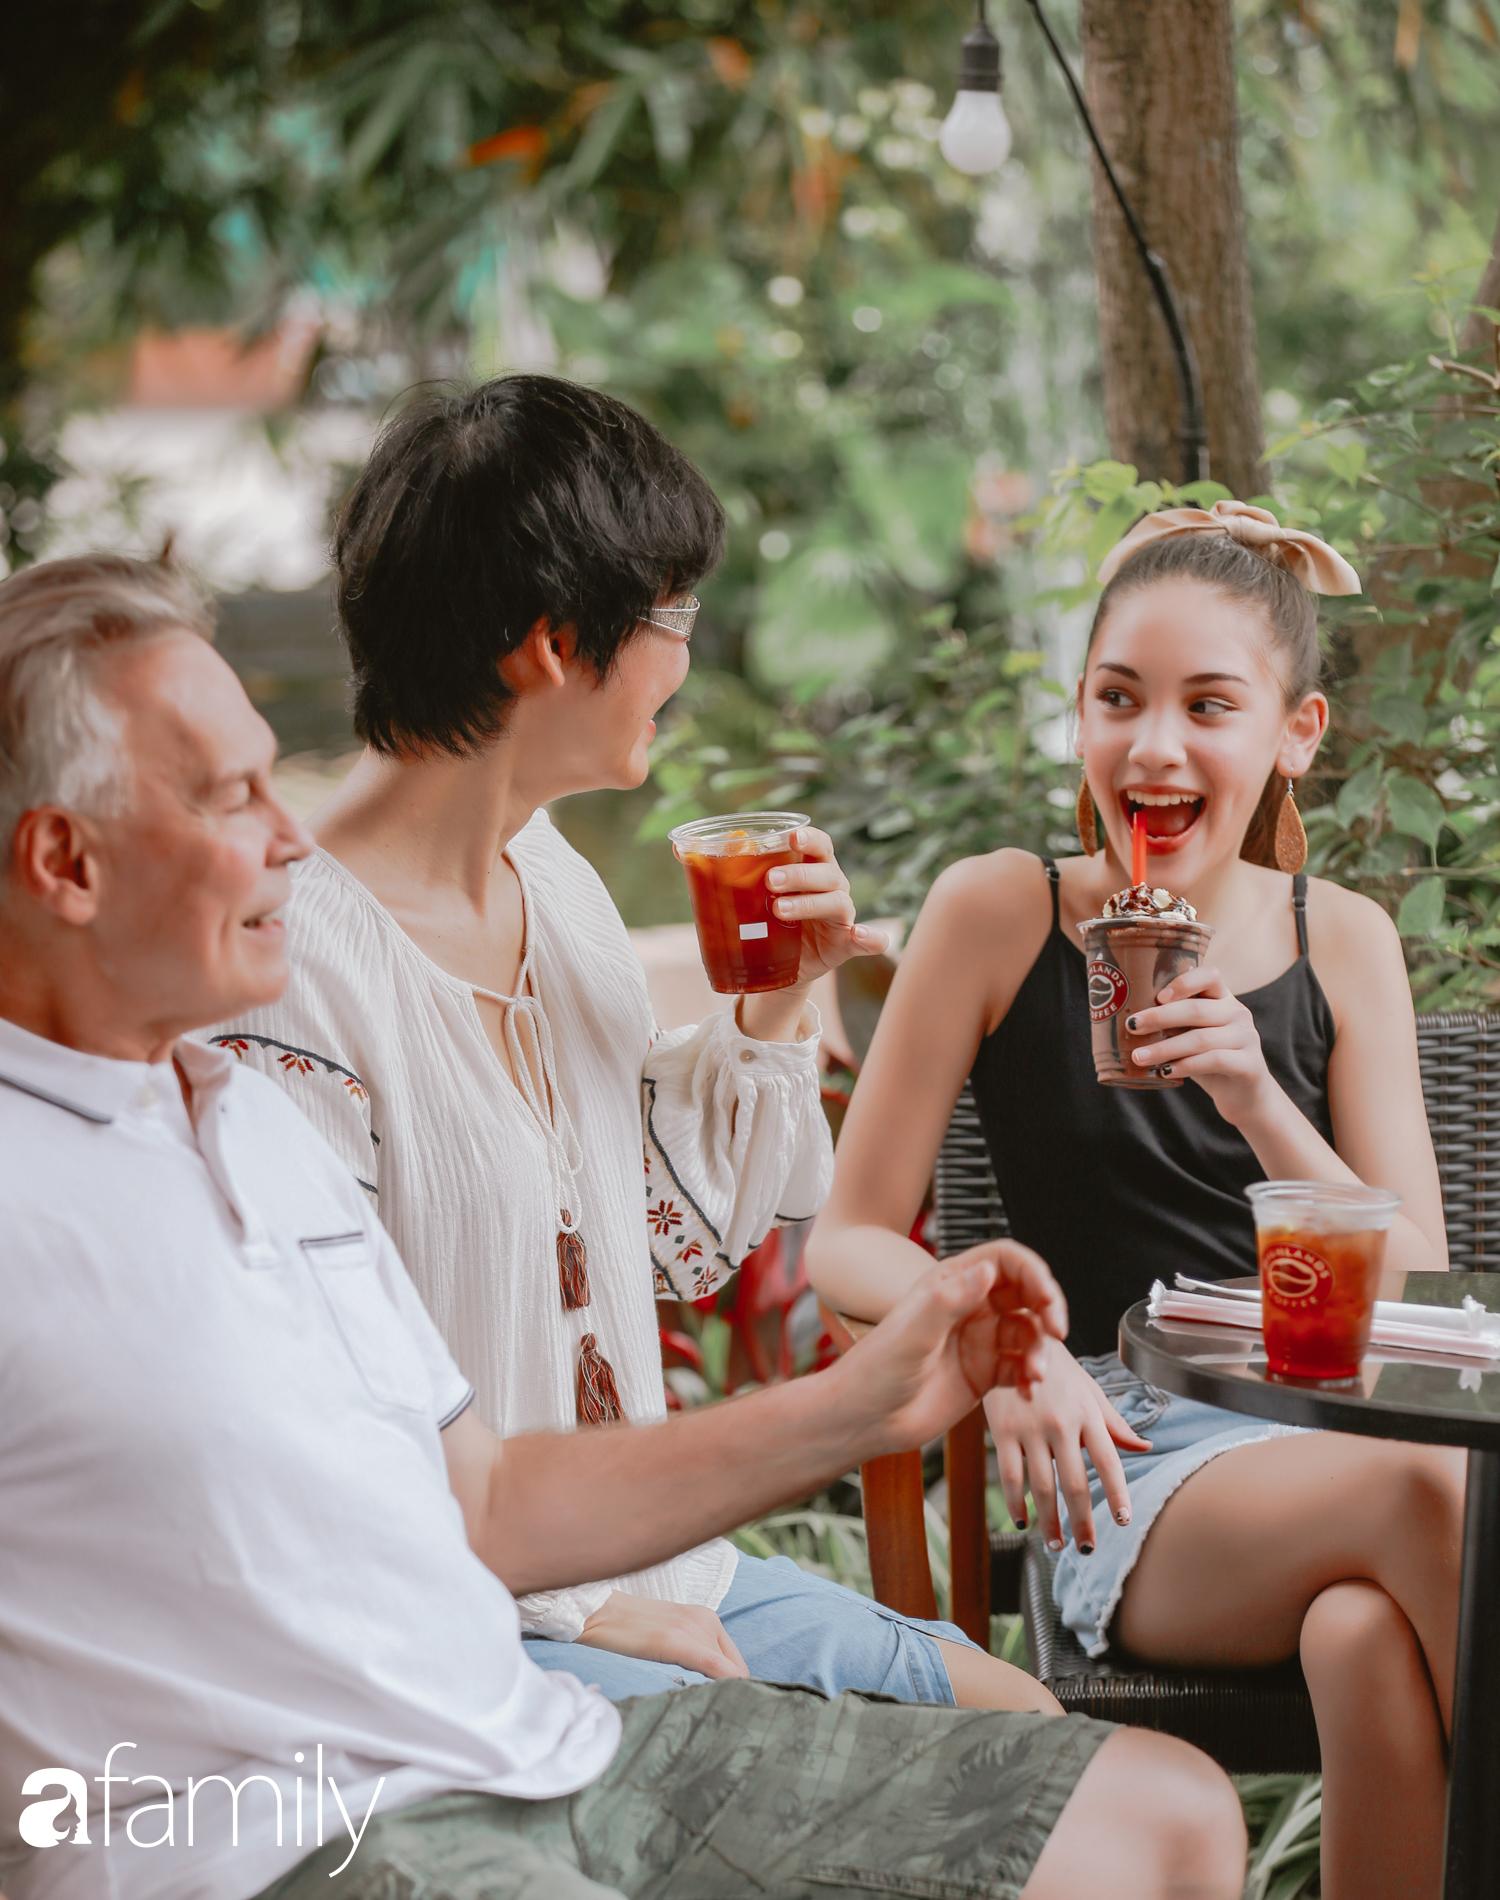 Mẫu nhí lai Việt – Mỹ đắt show nhất nhì thị trường thời trang và những chia sẻ của người trong cuộc  - Ảnh 7.